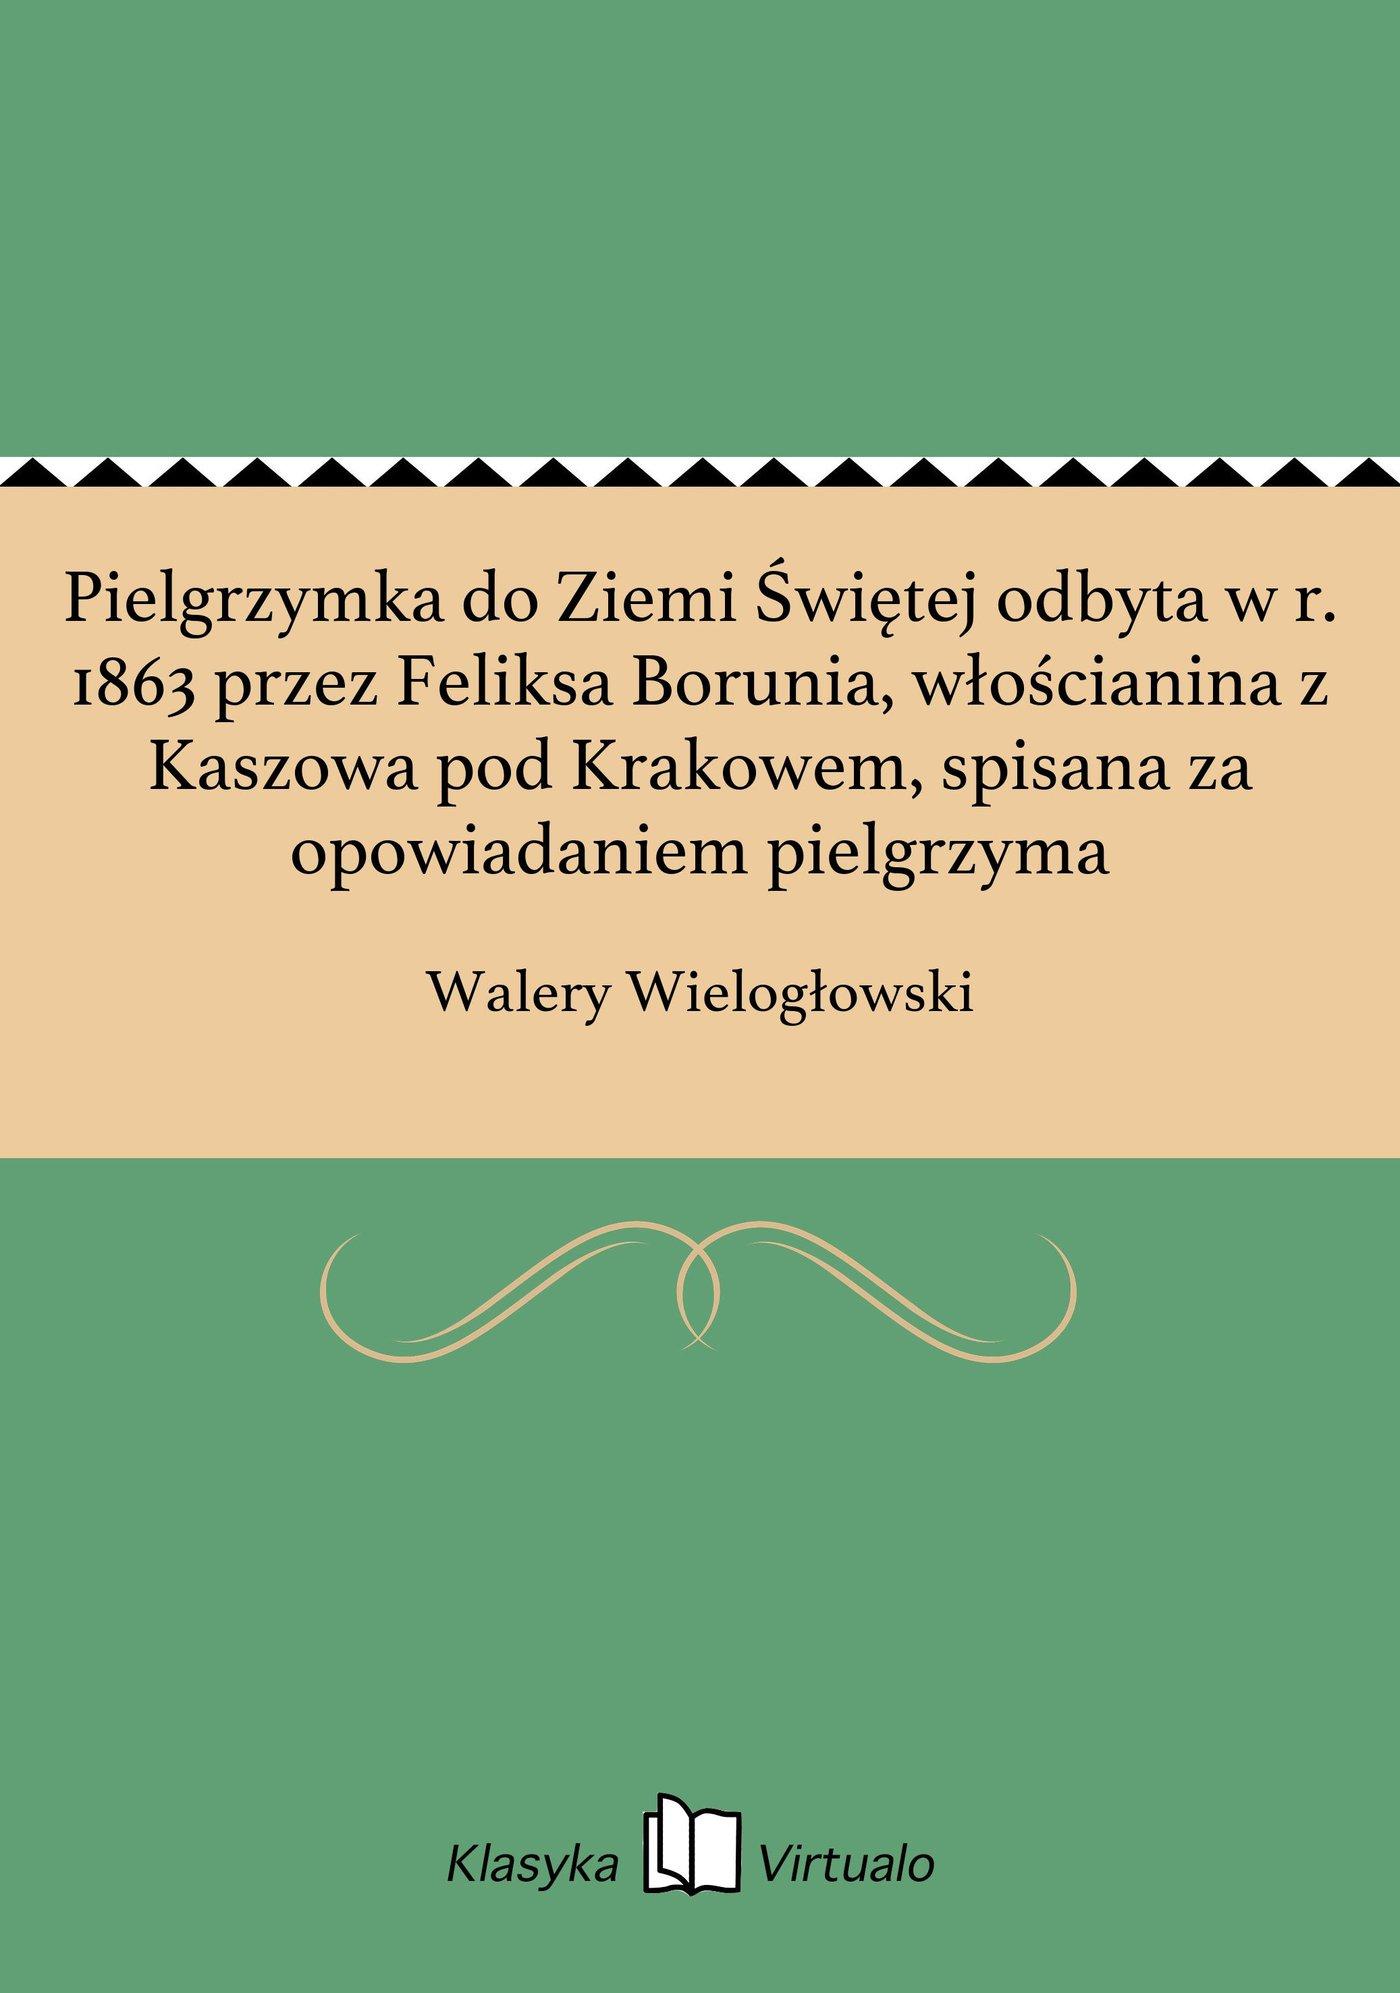 Pielgrzymka do Ziemi Świętej odbyta w r. 1863 przez Feliksa Borunia, włościanina z Kaszowa pod Krakowem, spisana za opowiadaniem pielgrzyma - Ebook (Książka EPUB) do pobrania w formacie EPUB